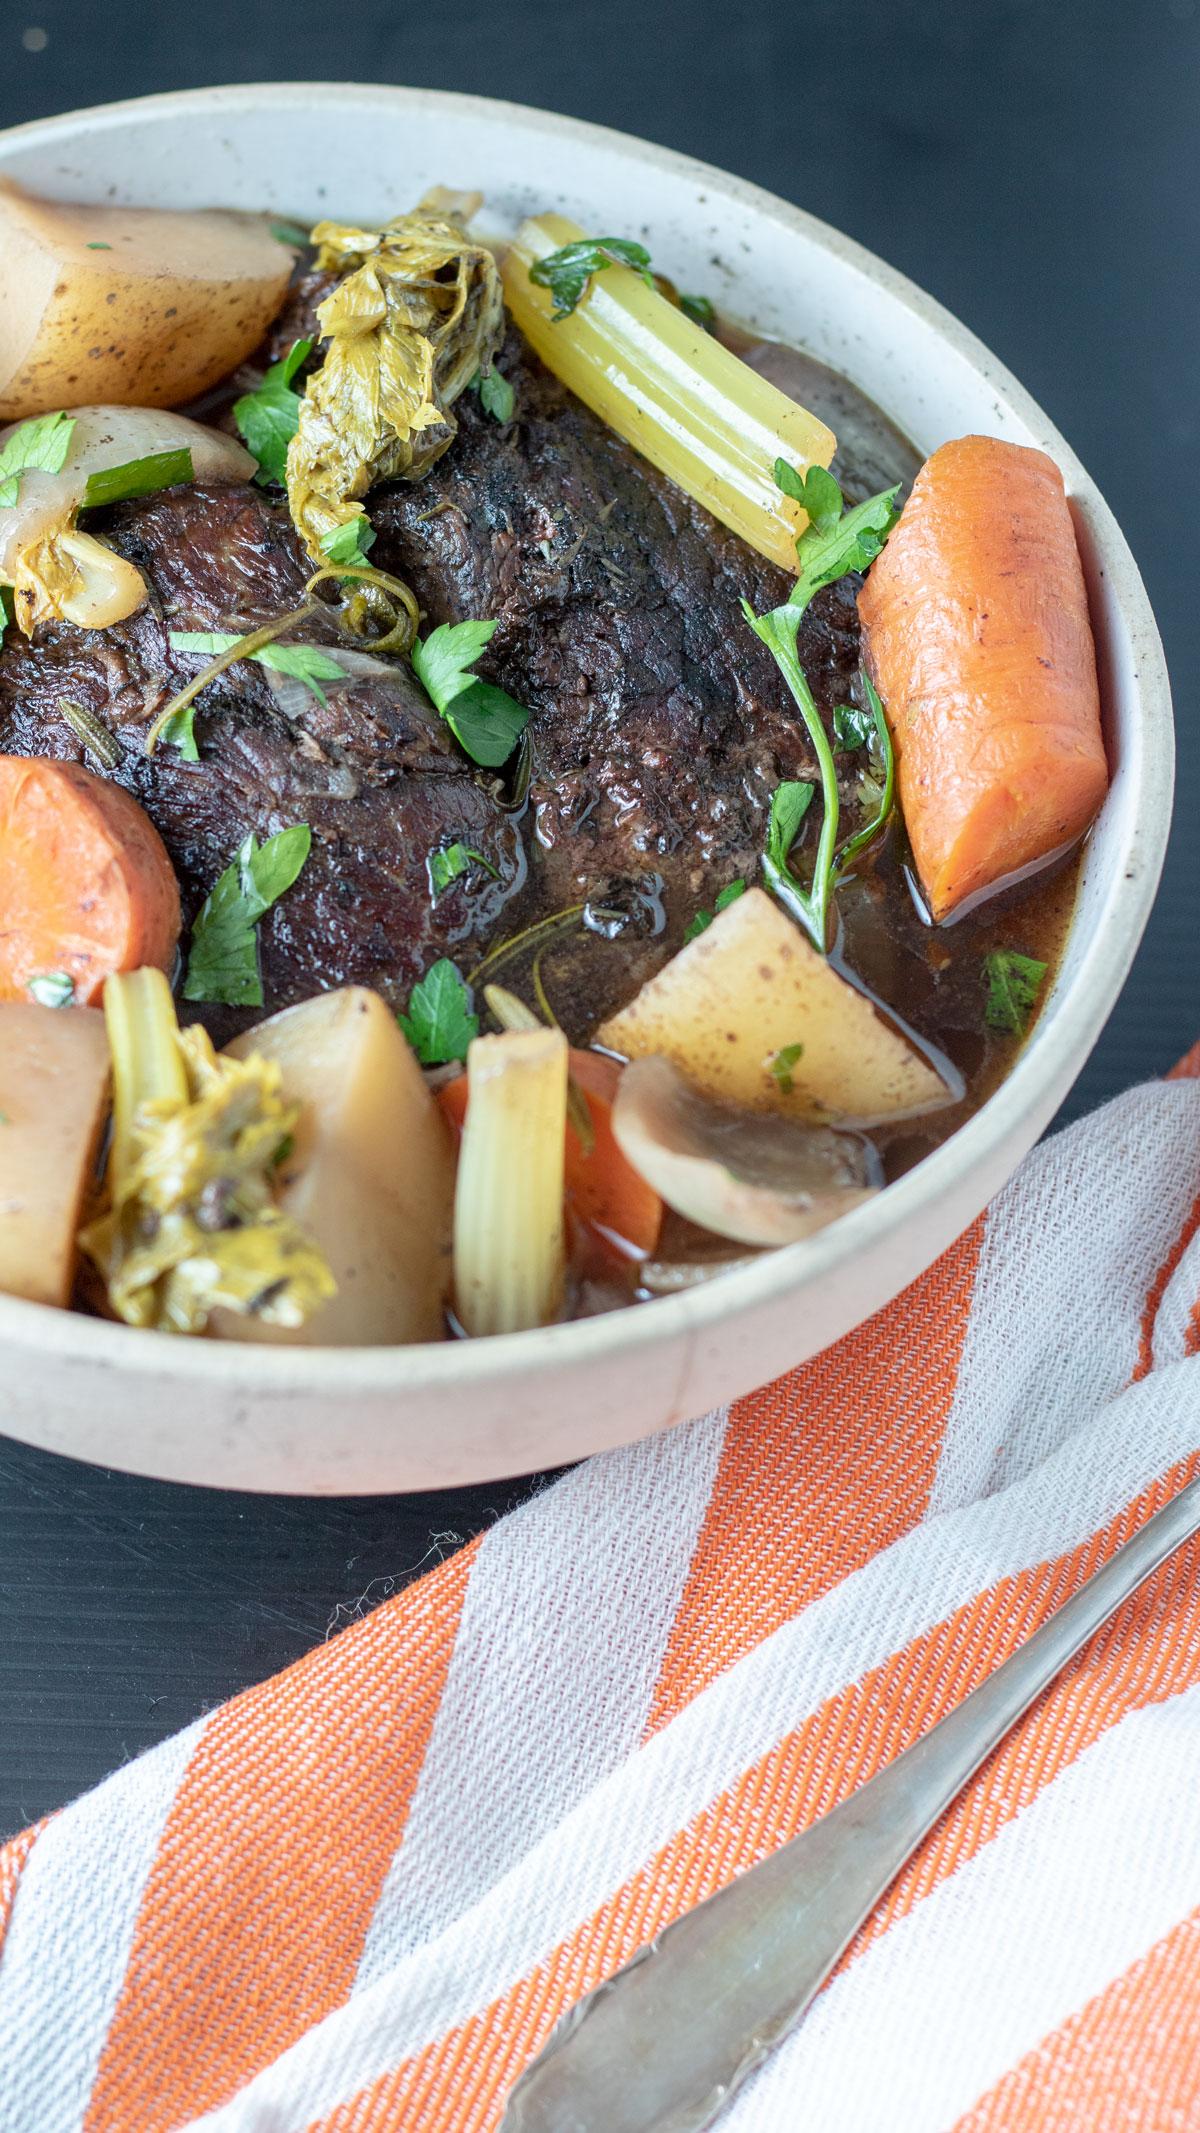 Pot roast in large serving bowl.